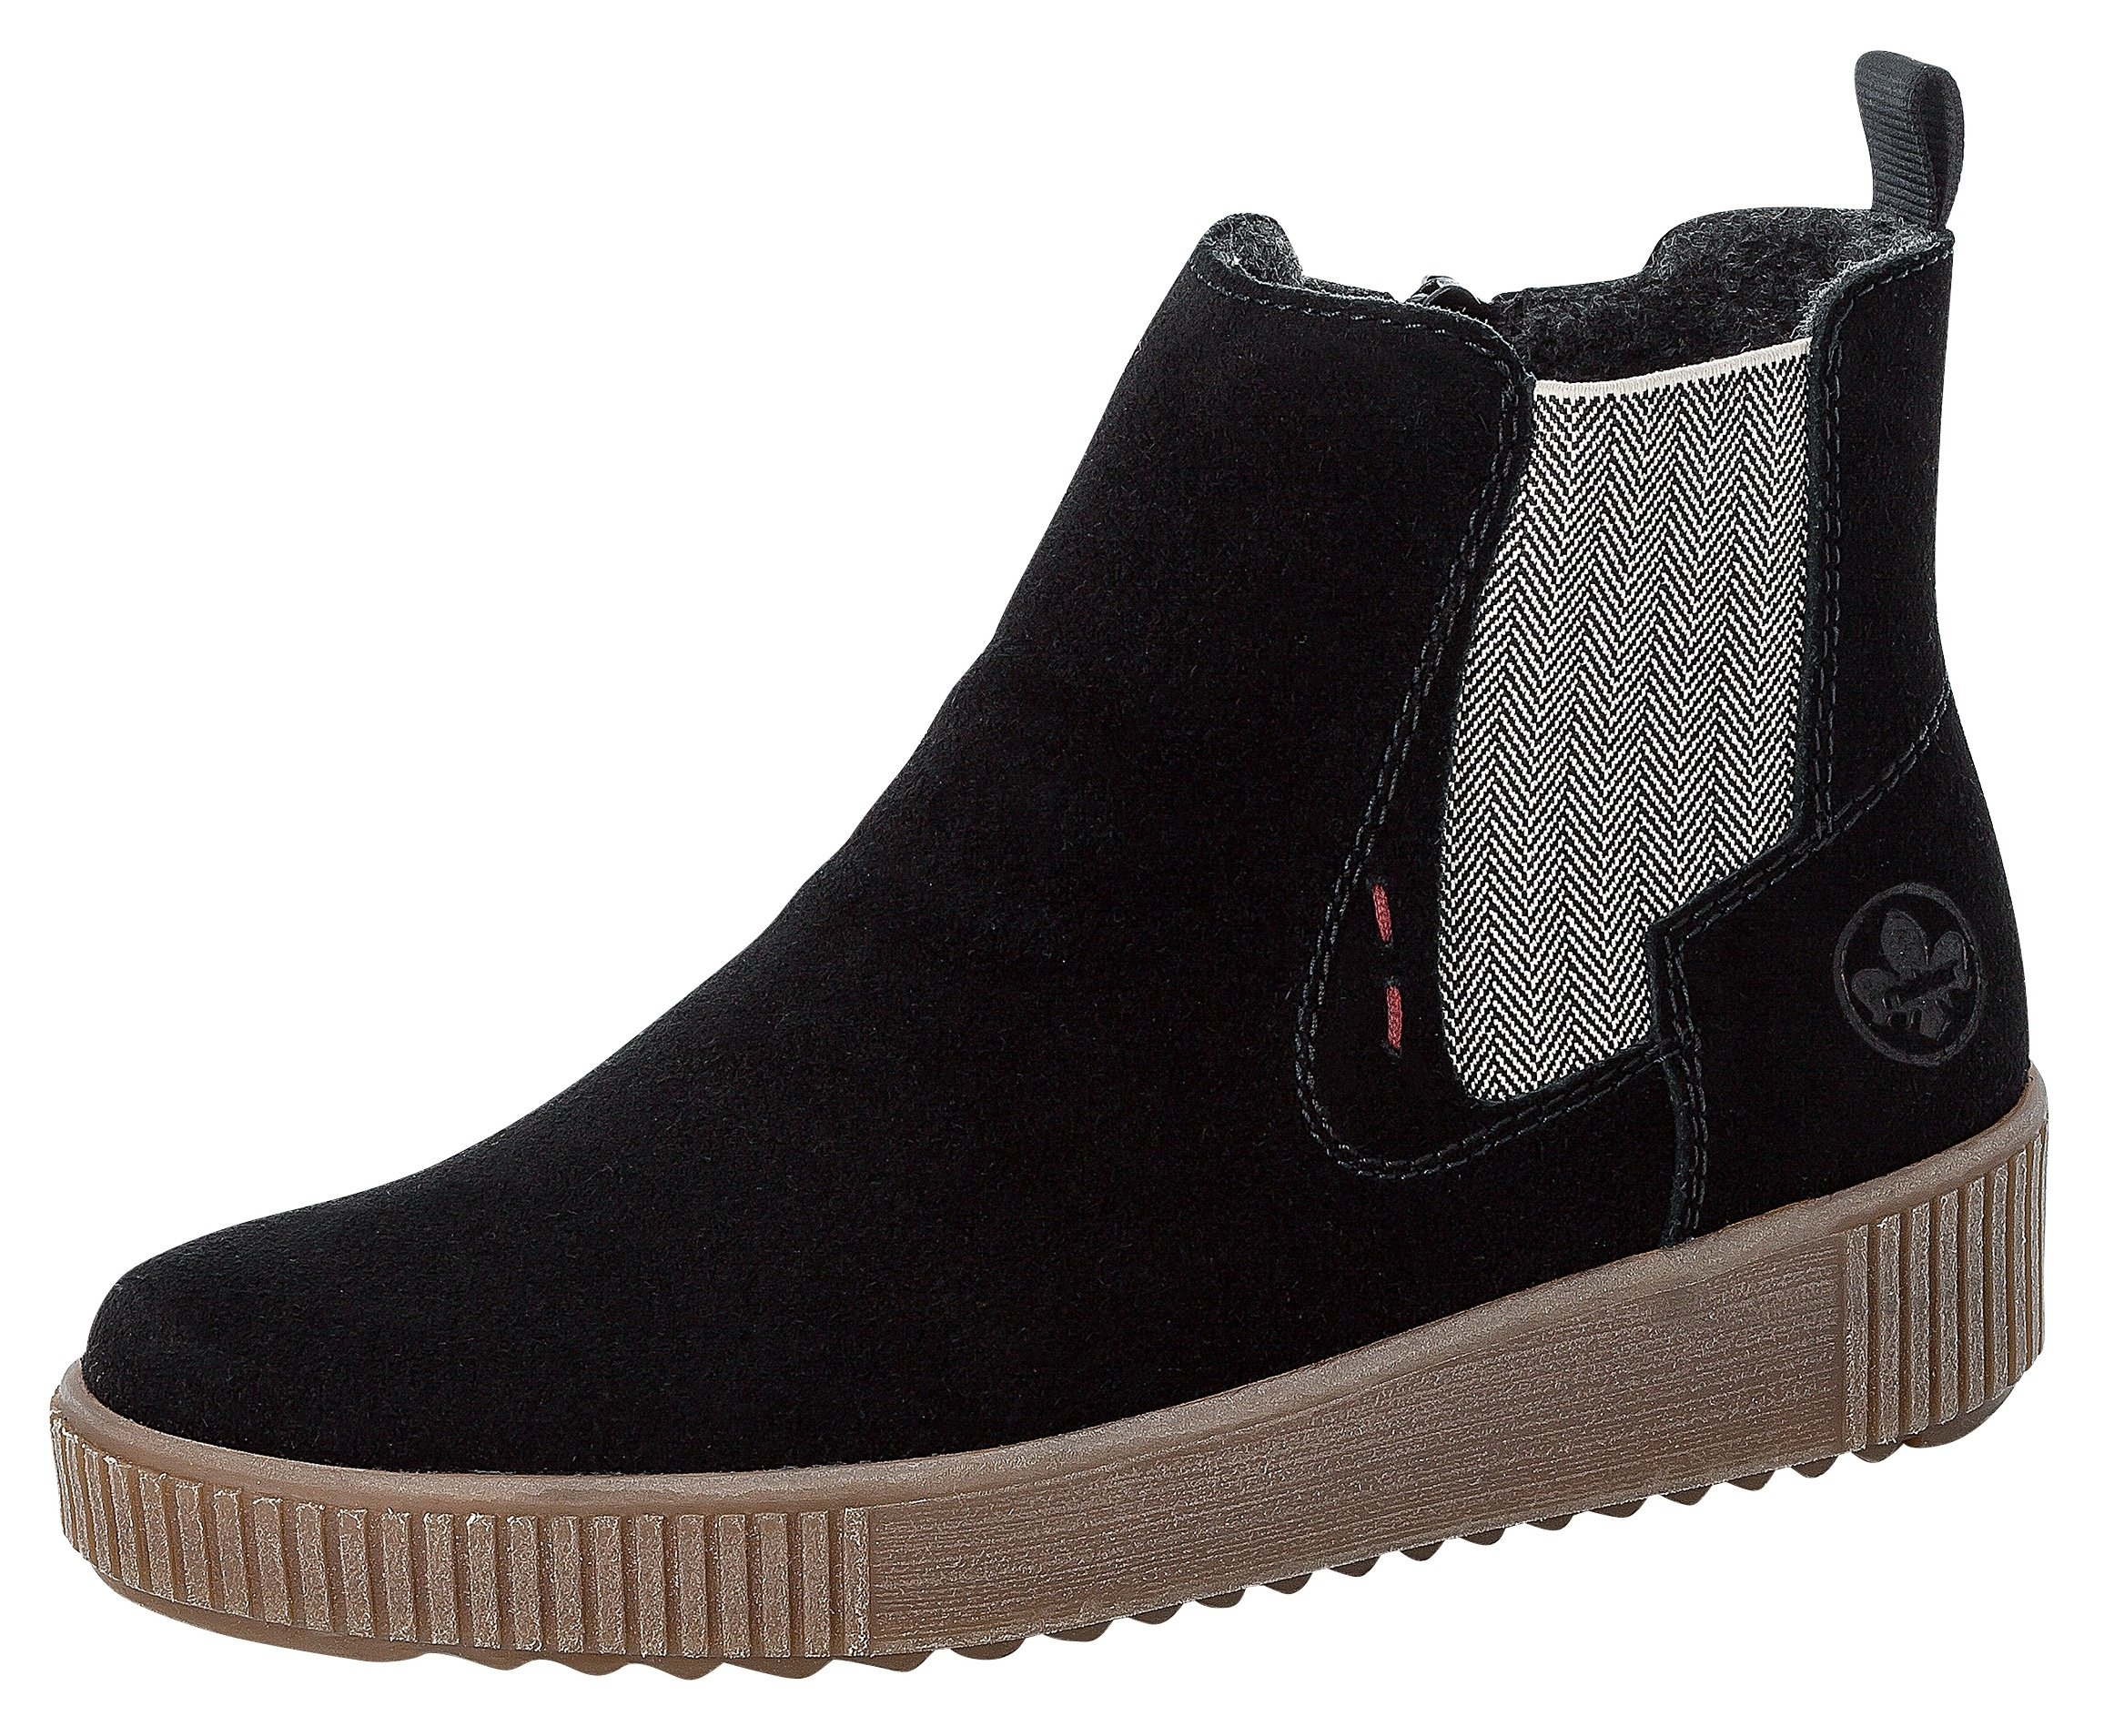 Rieker Chelsea-boots met geruite stretchinzet bestellen: 30 dagen bedenktijd